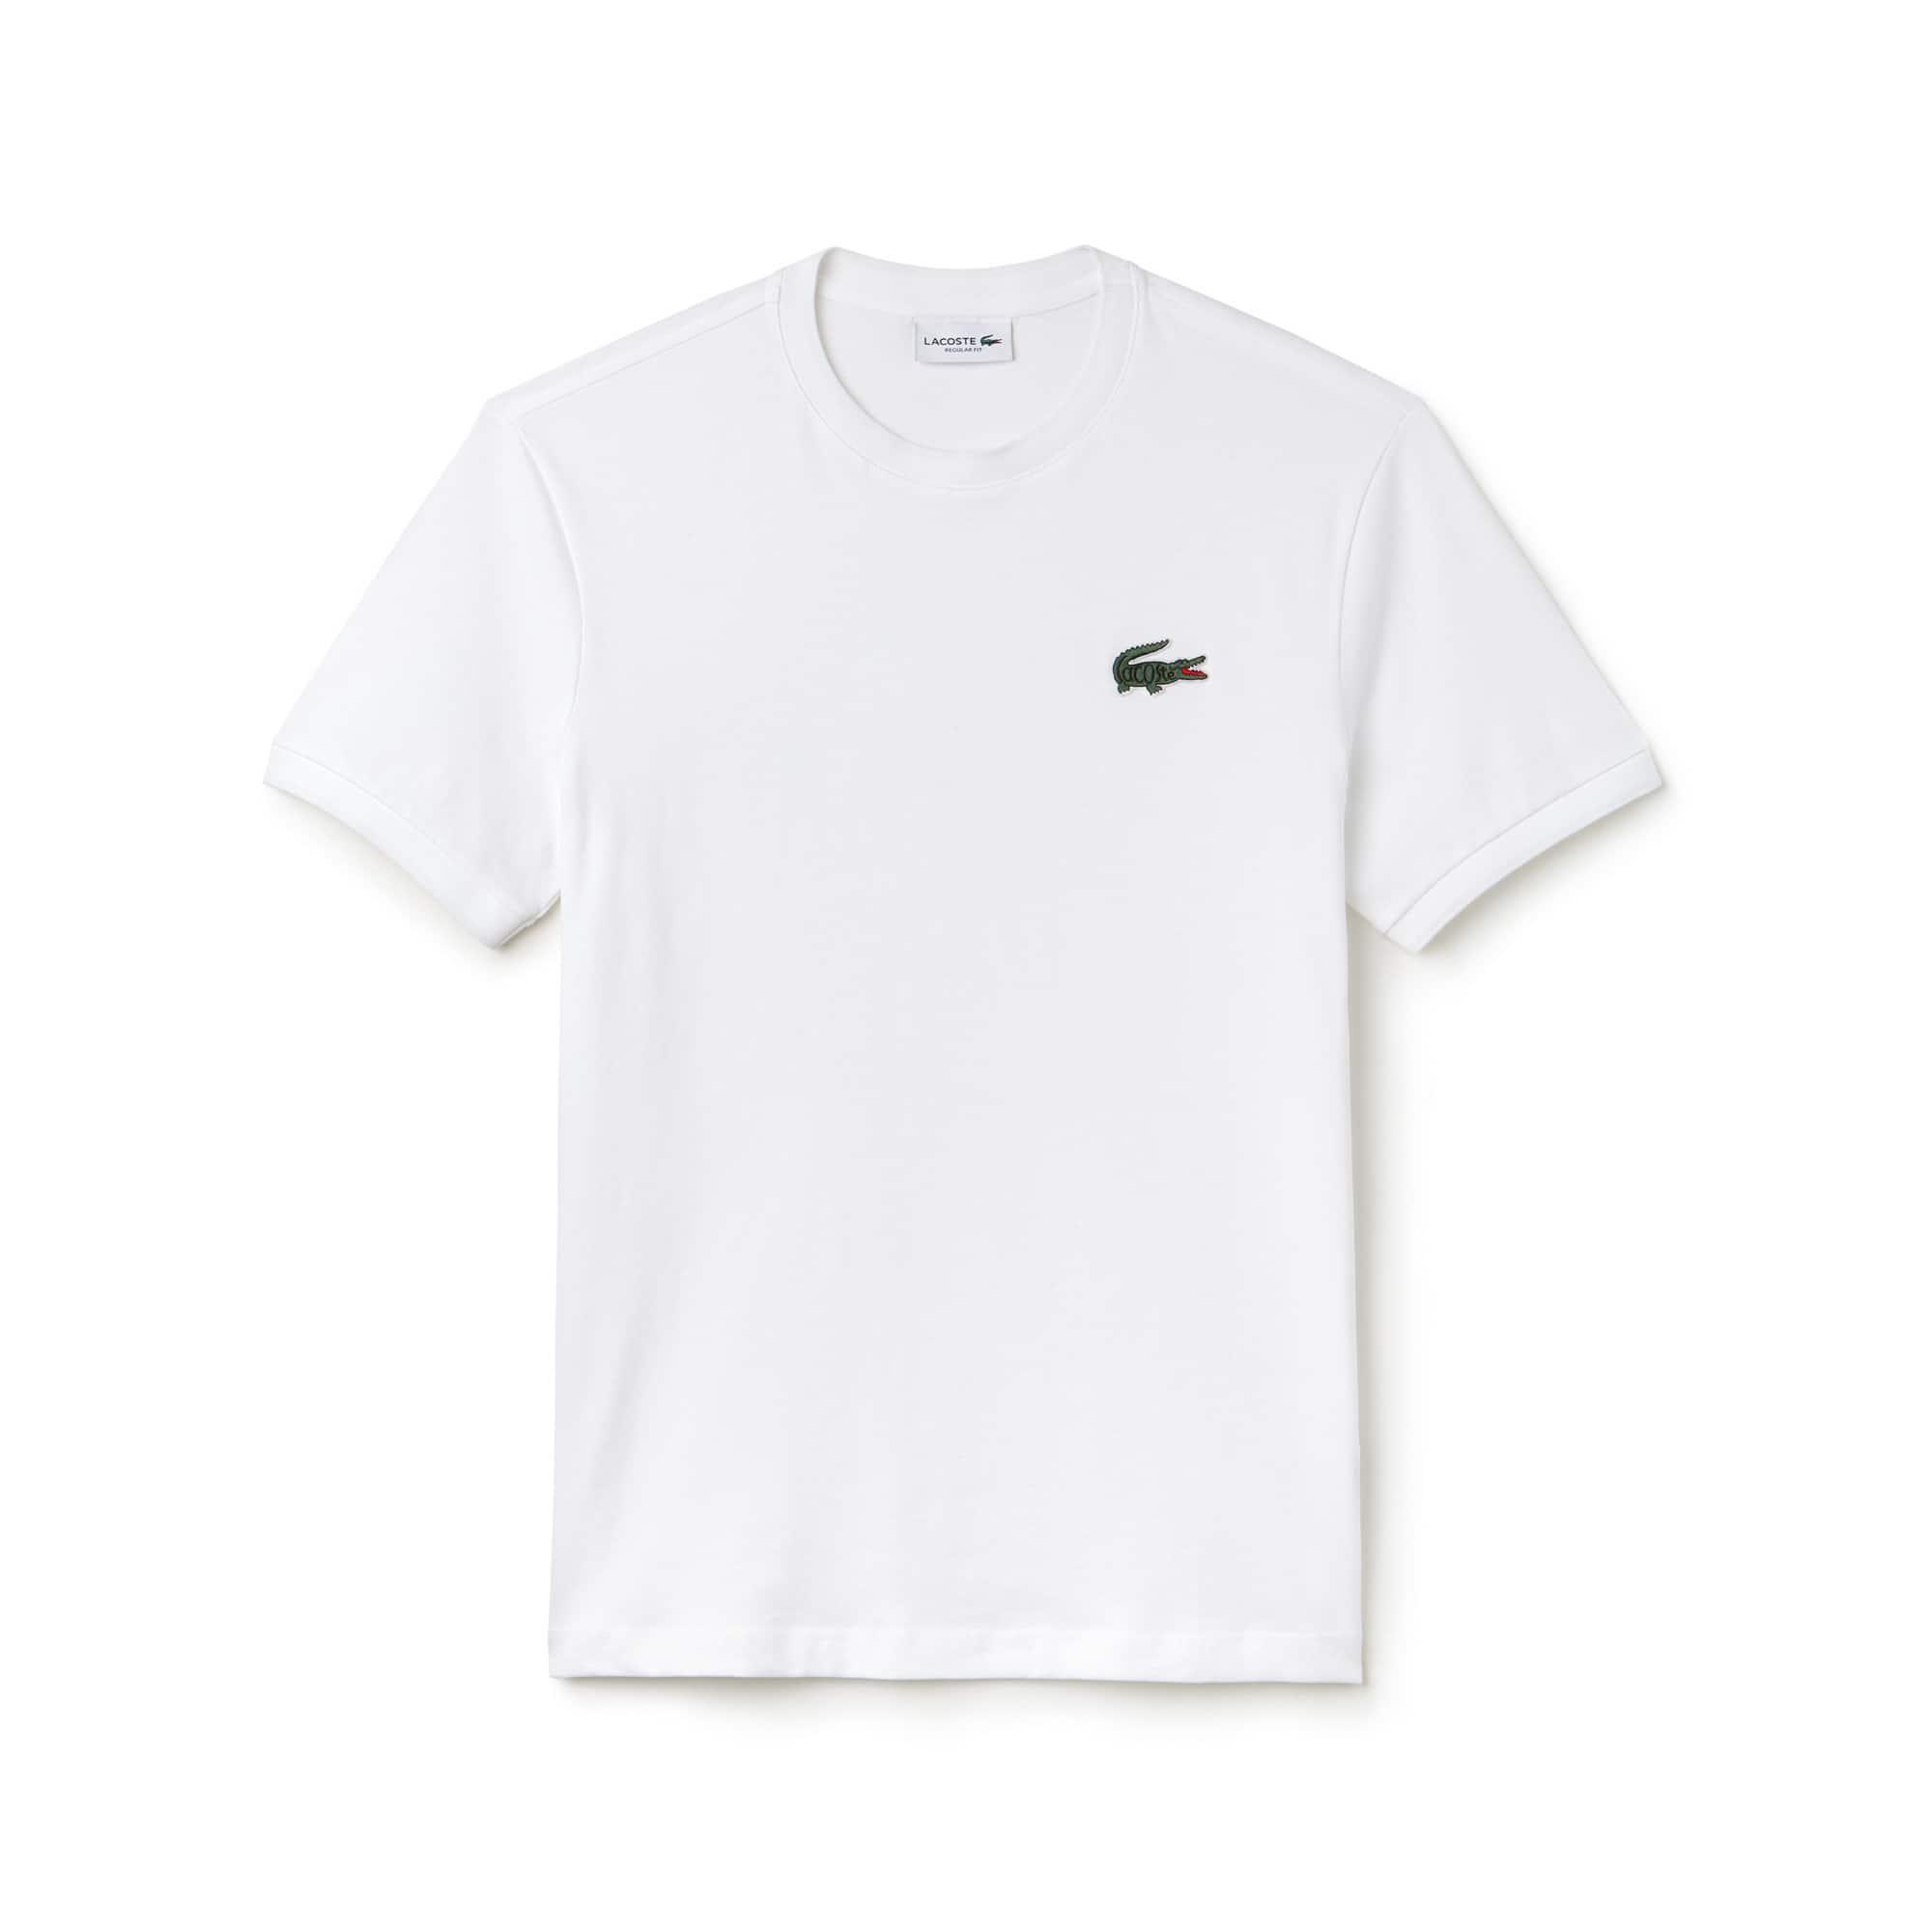 Men's Crew Neck Lacoste Lettering Crocodile Cotton Jersey T-shirt